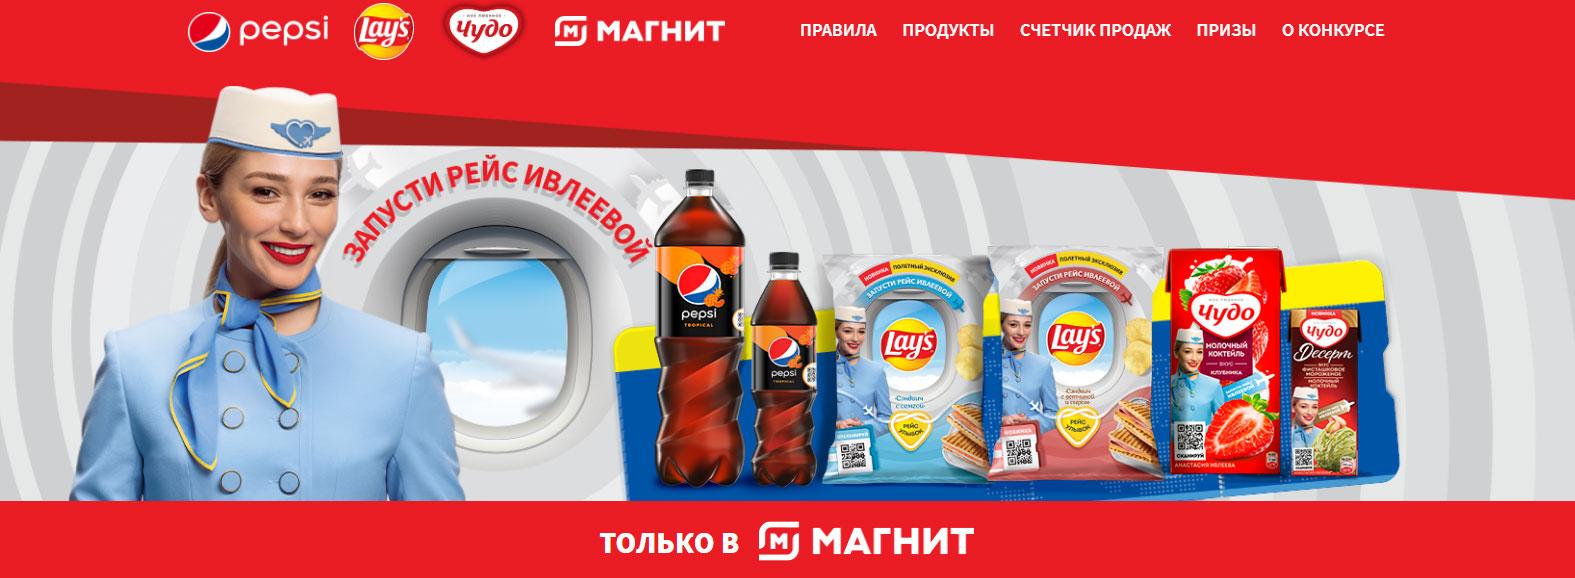 Промо акция Pepsi, Lays и Чудо в Магните «Запусти рейс Ивлеевой»!